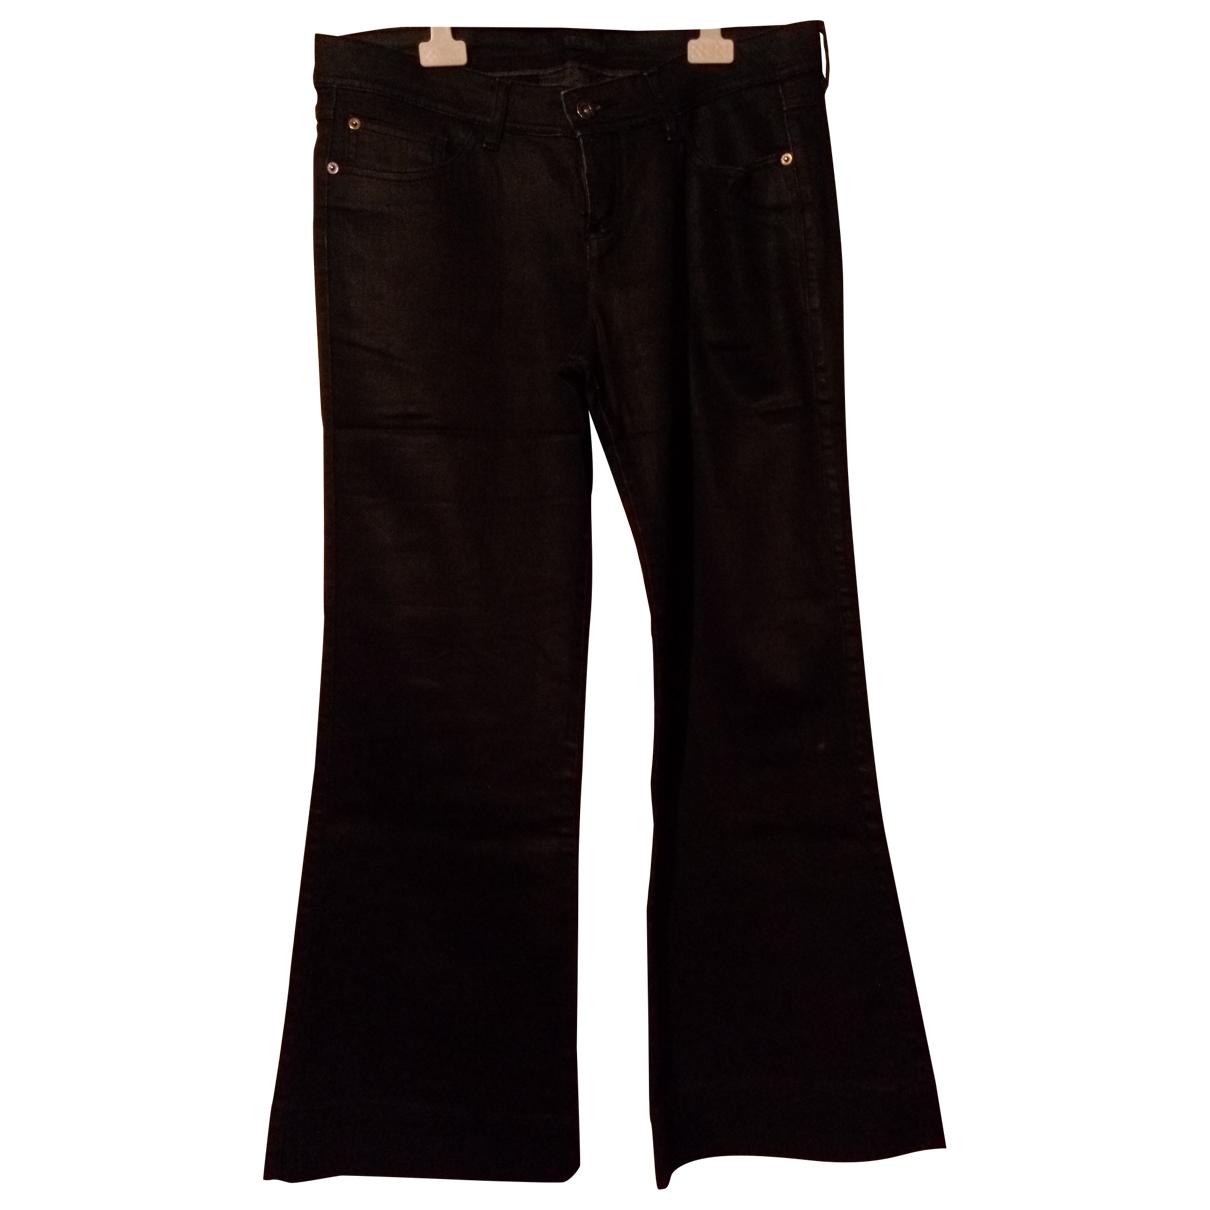 Pantalon largo Ikks